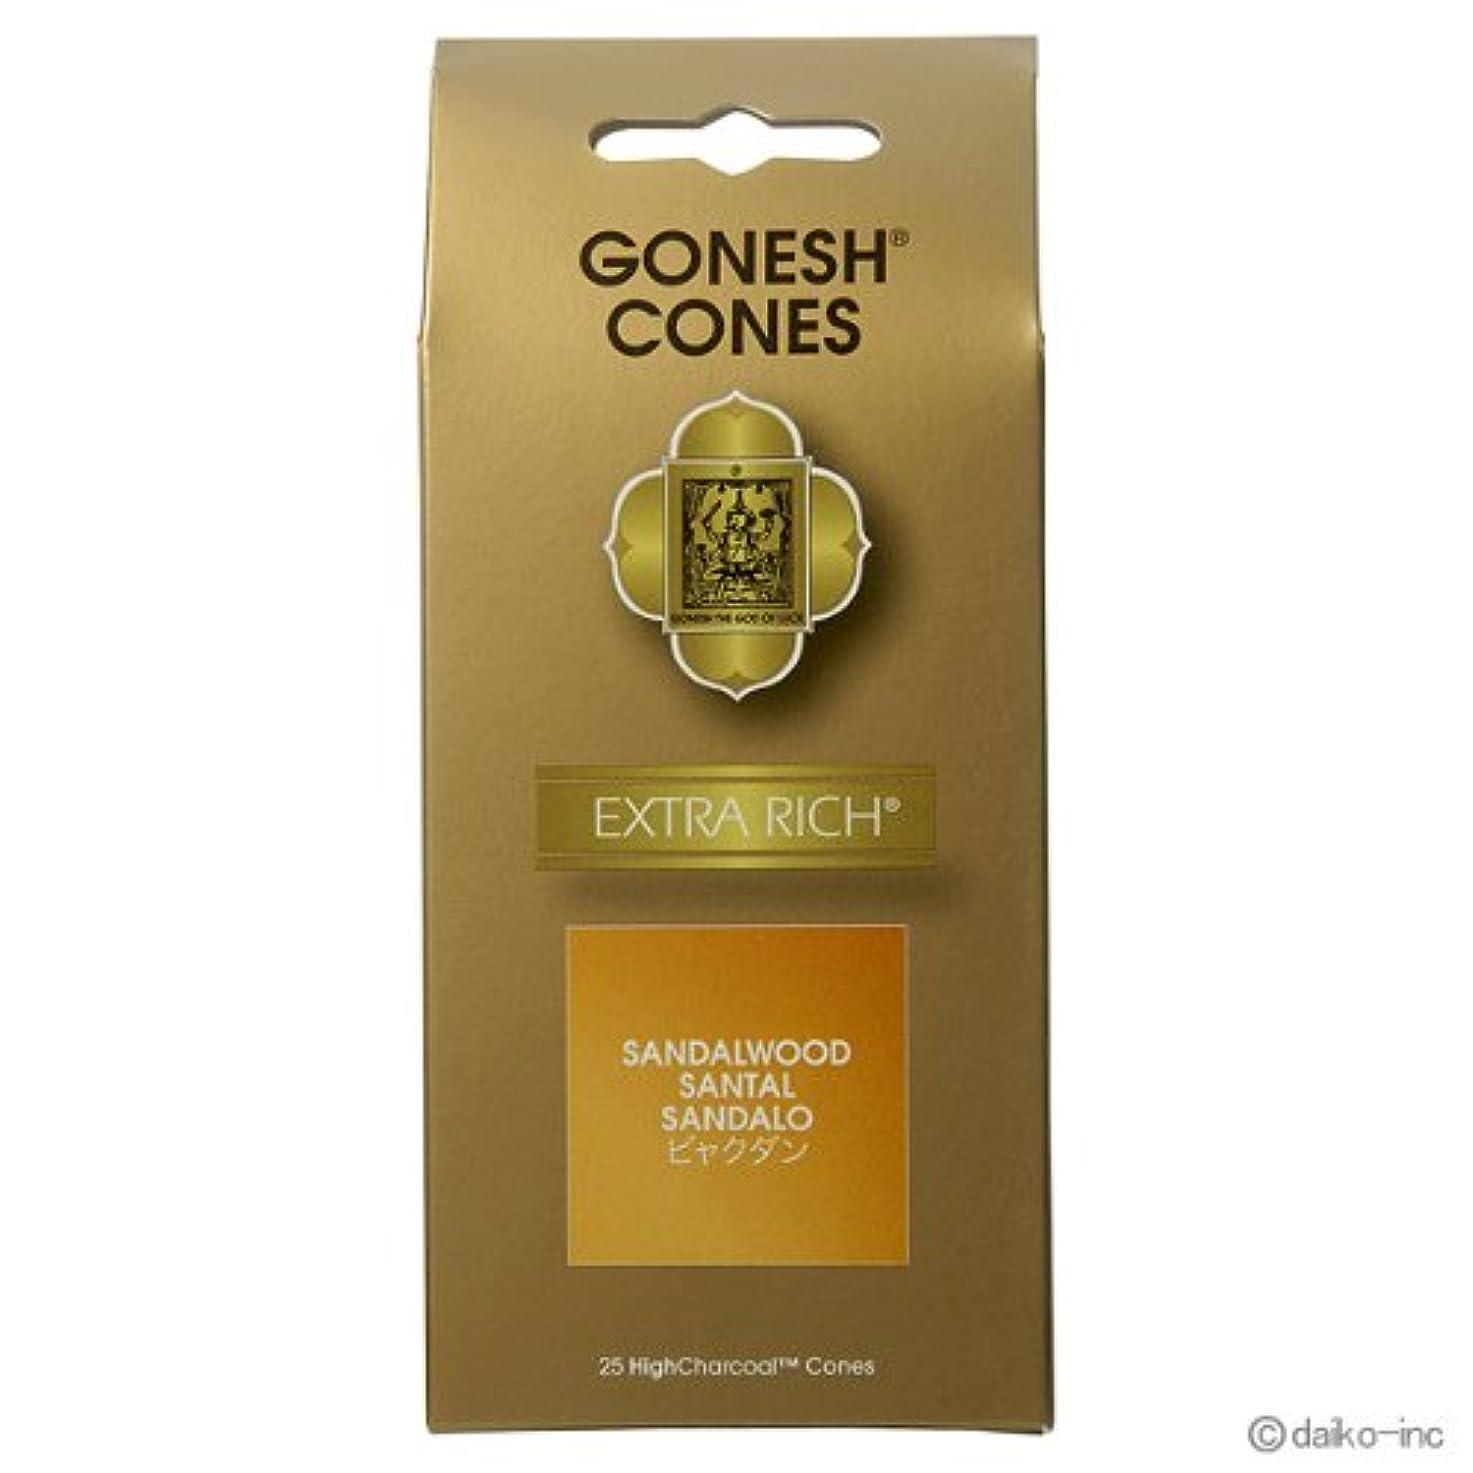 前者レンダーアピールガーネッシュ GONESH エクストラリッチ サンダルウッド(白檀) お香コーン25ヶ入 6個セット